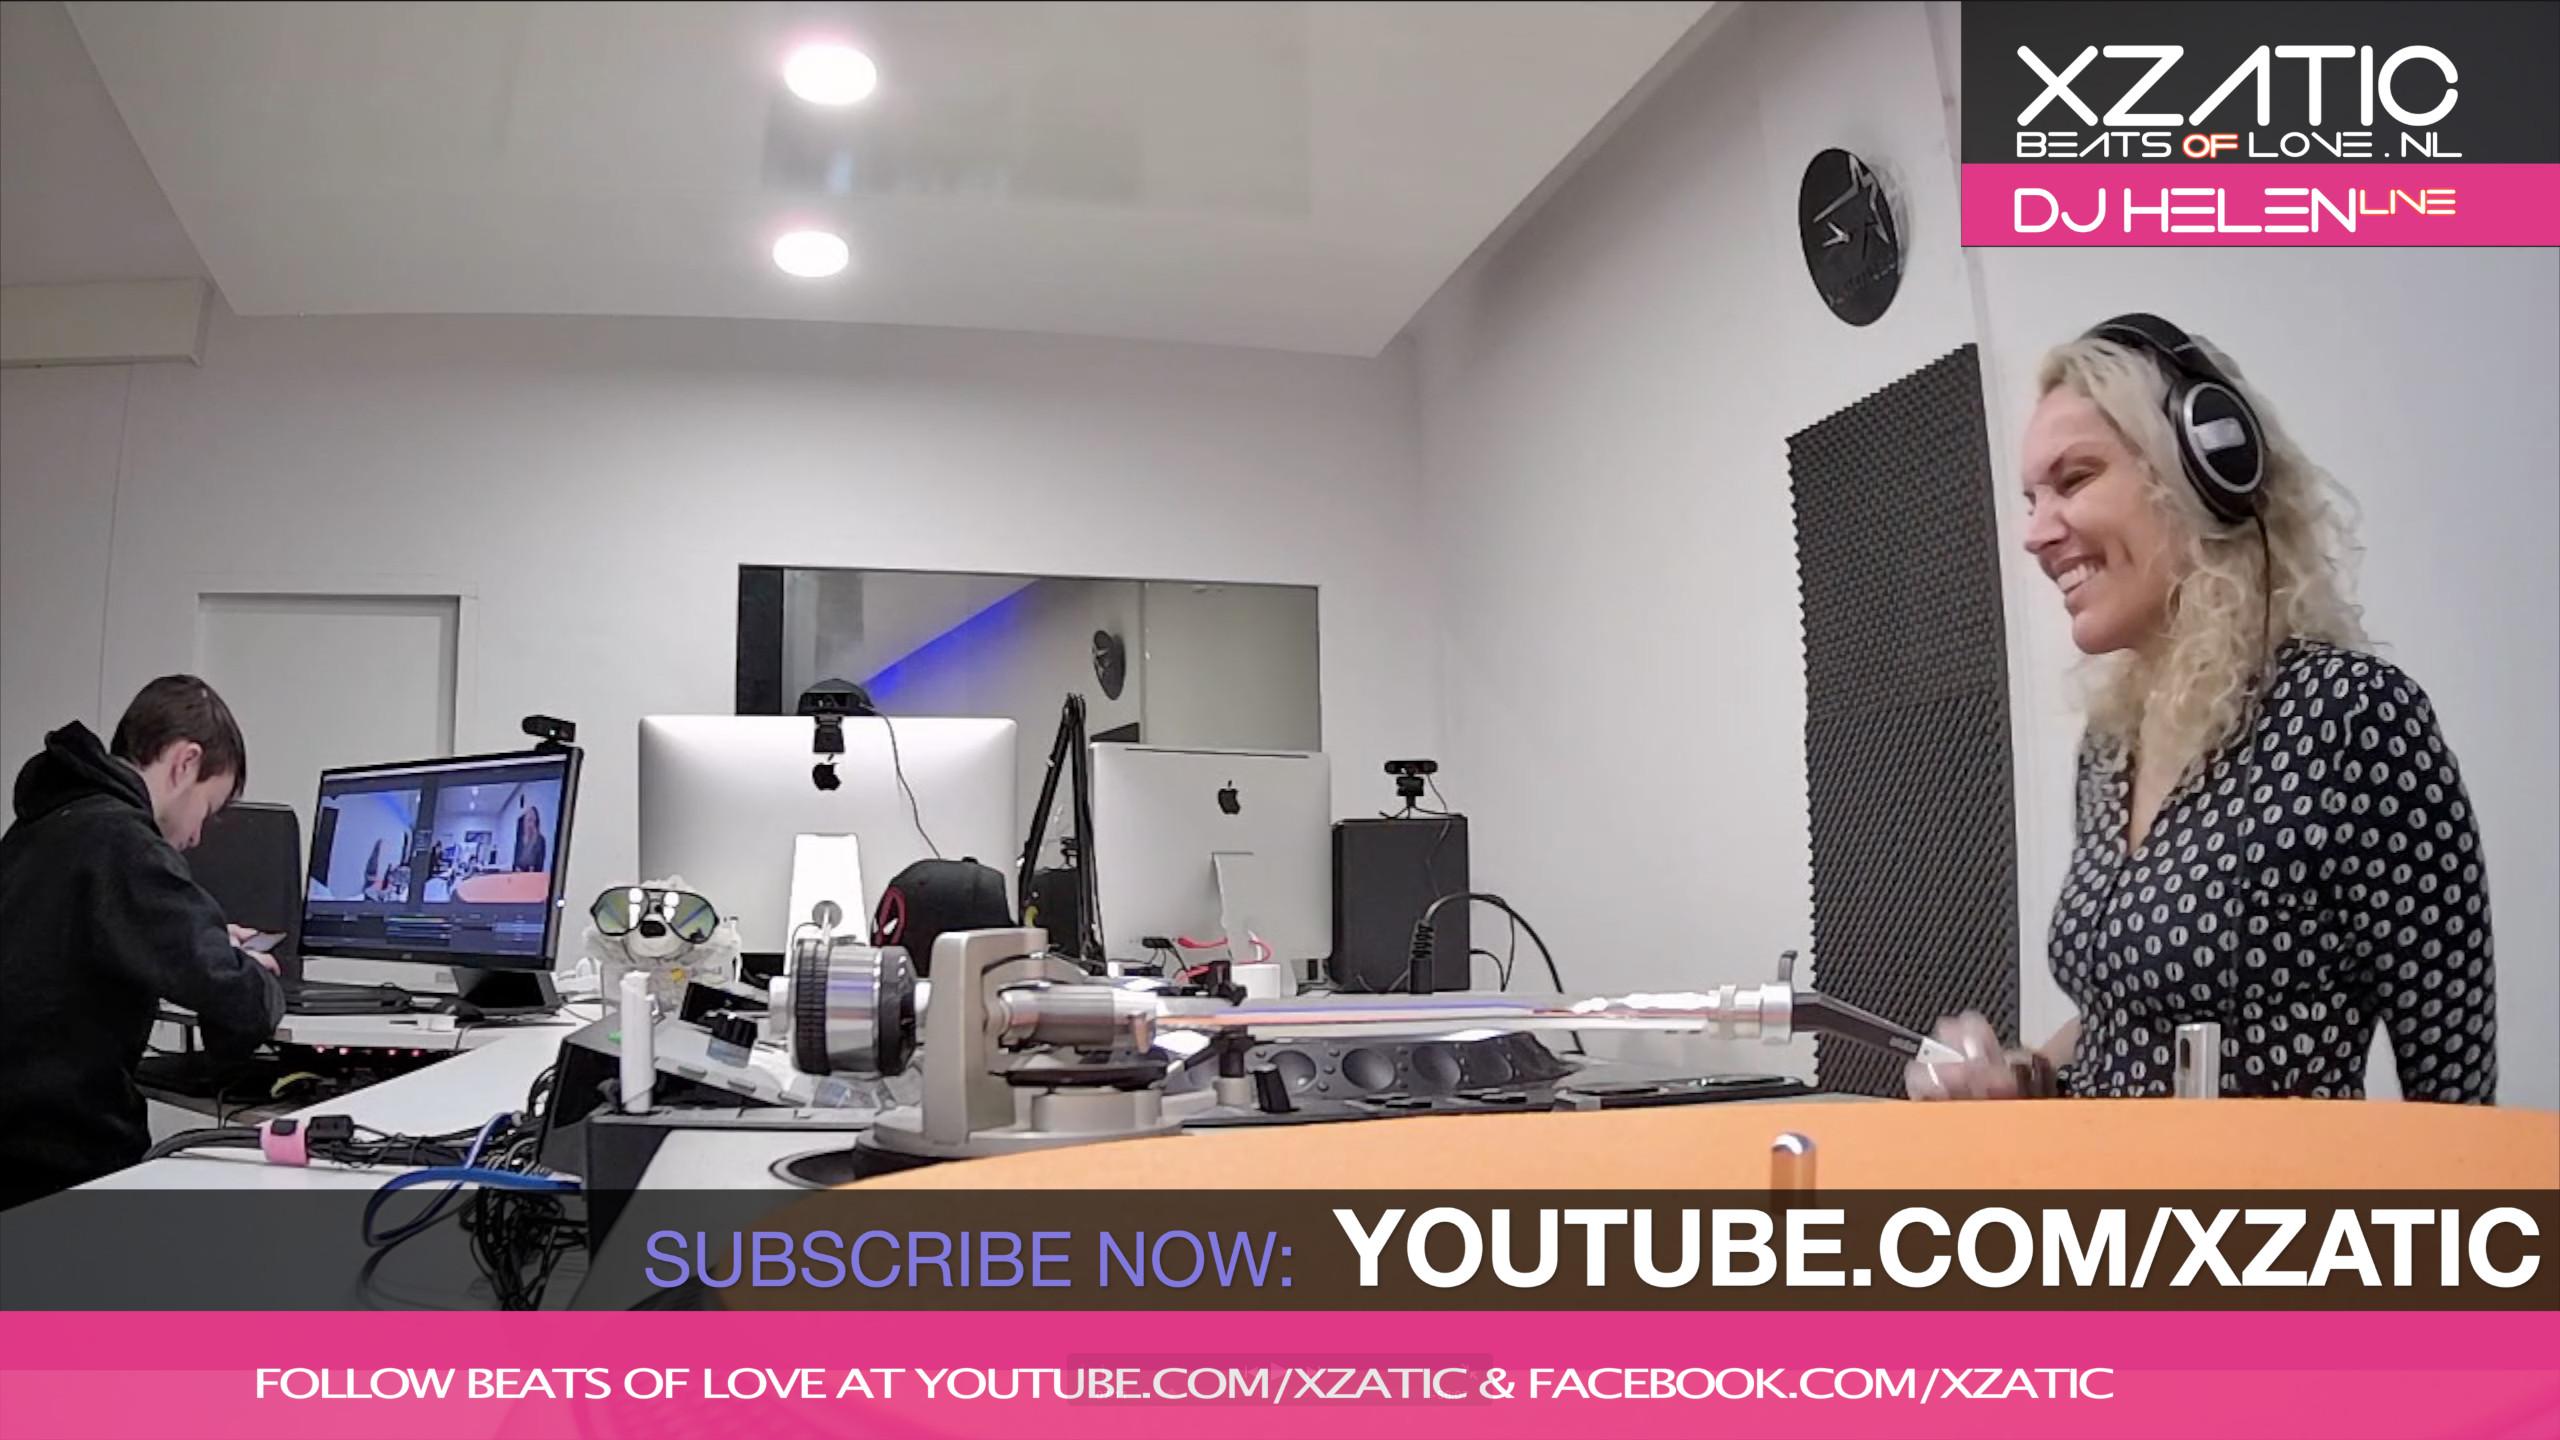 Xzatic Presents Beats Of Love [025] DJ Helen Guest Mix